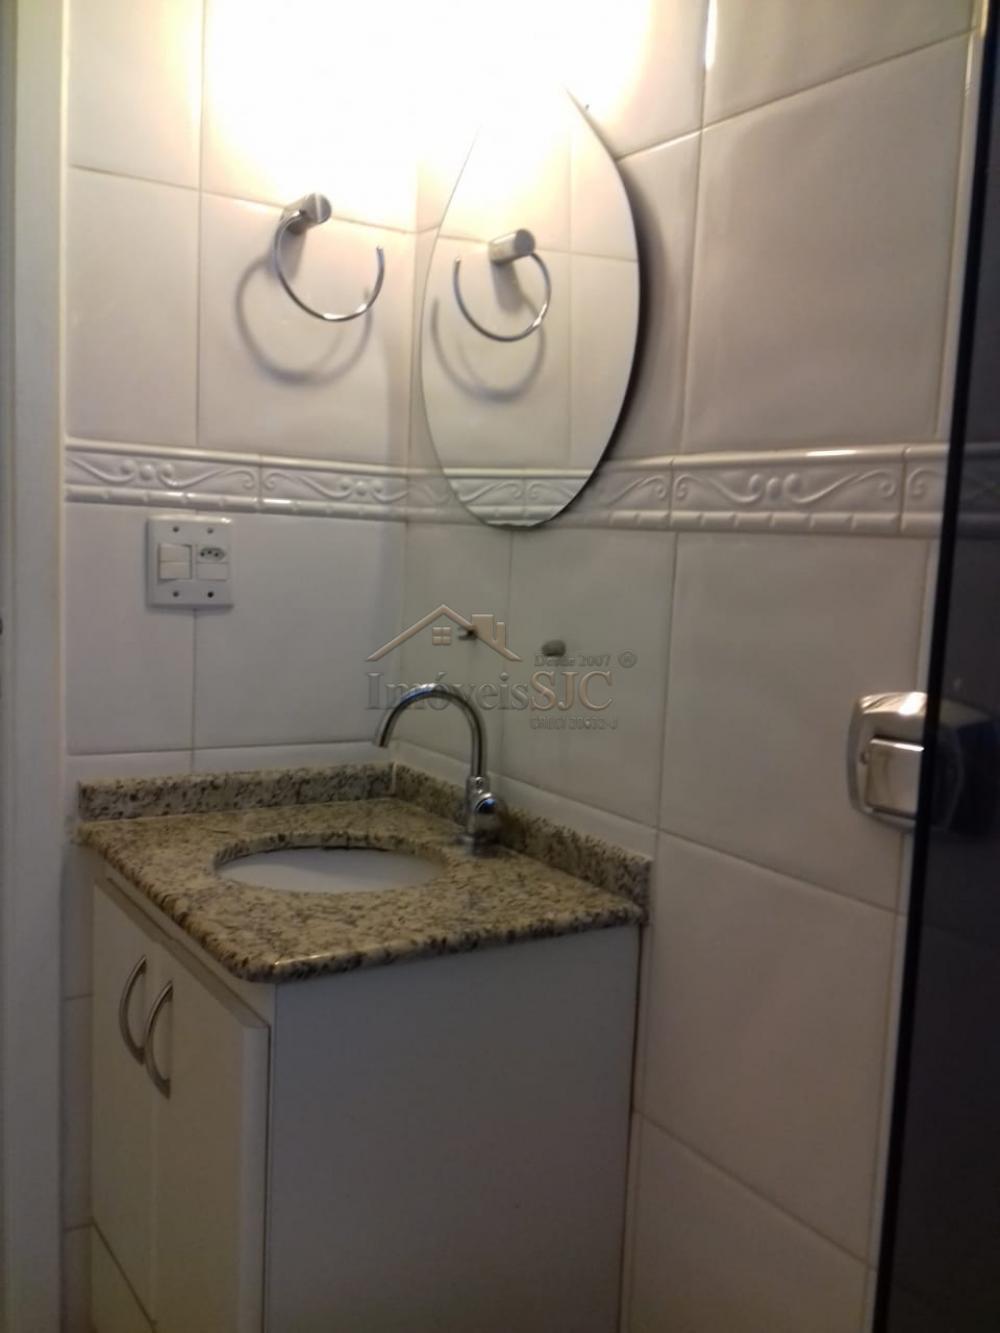 Comprar Apartamentos / Padrão em São José dos Campos apenas R$ 210.000,00 - Foto 6